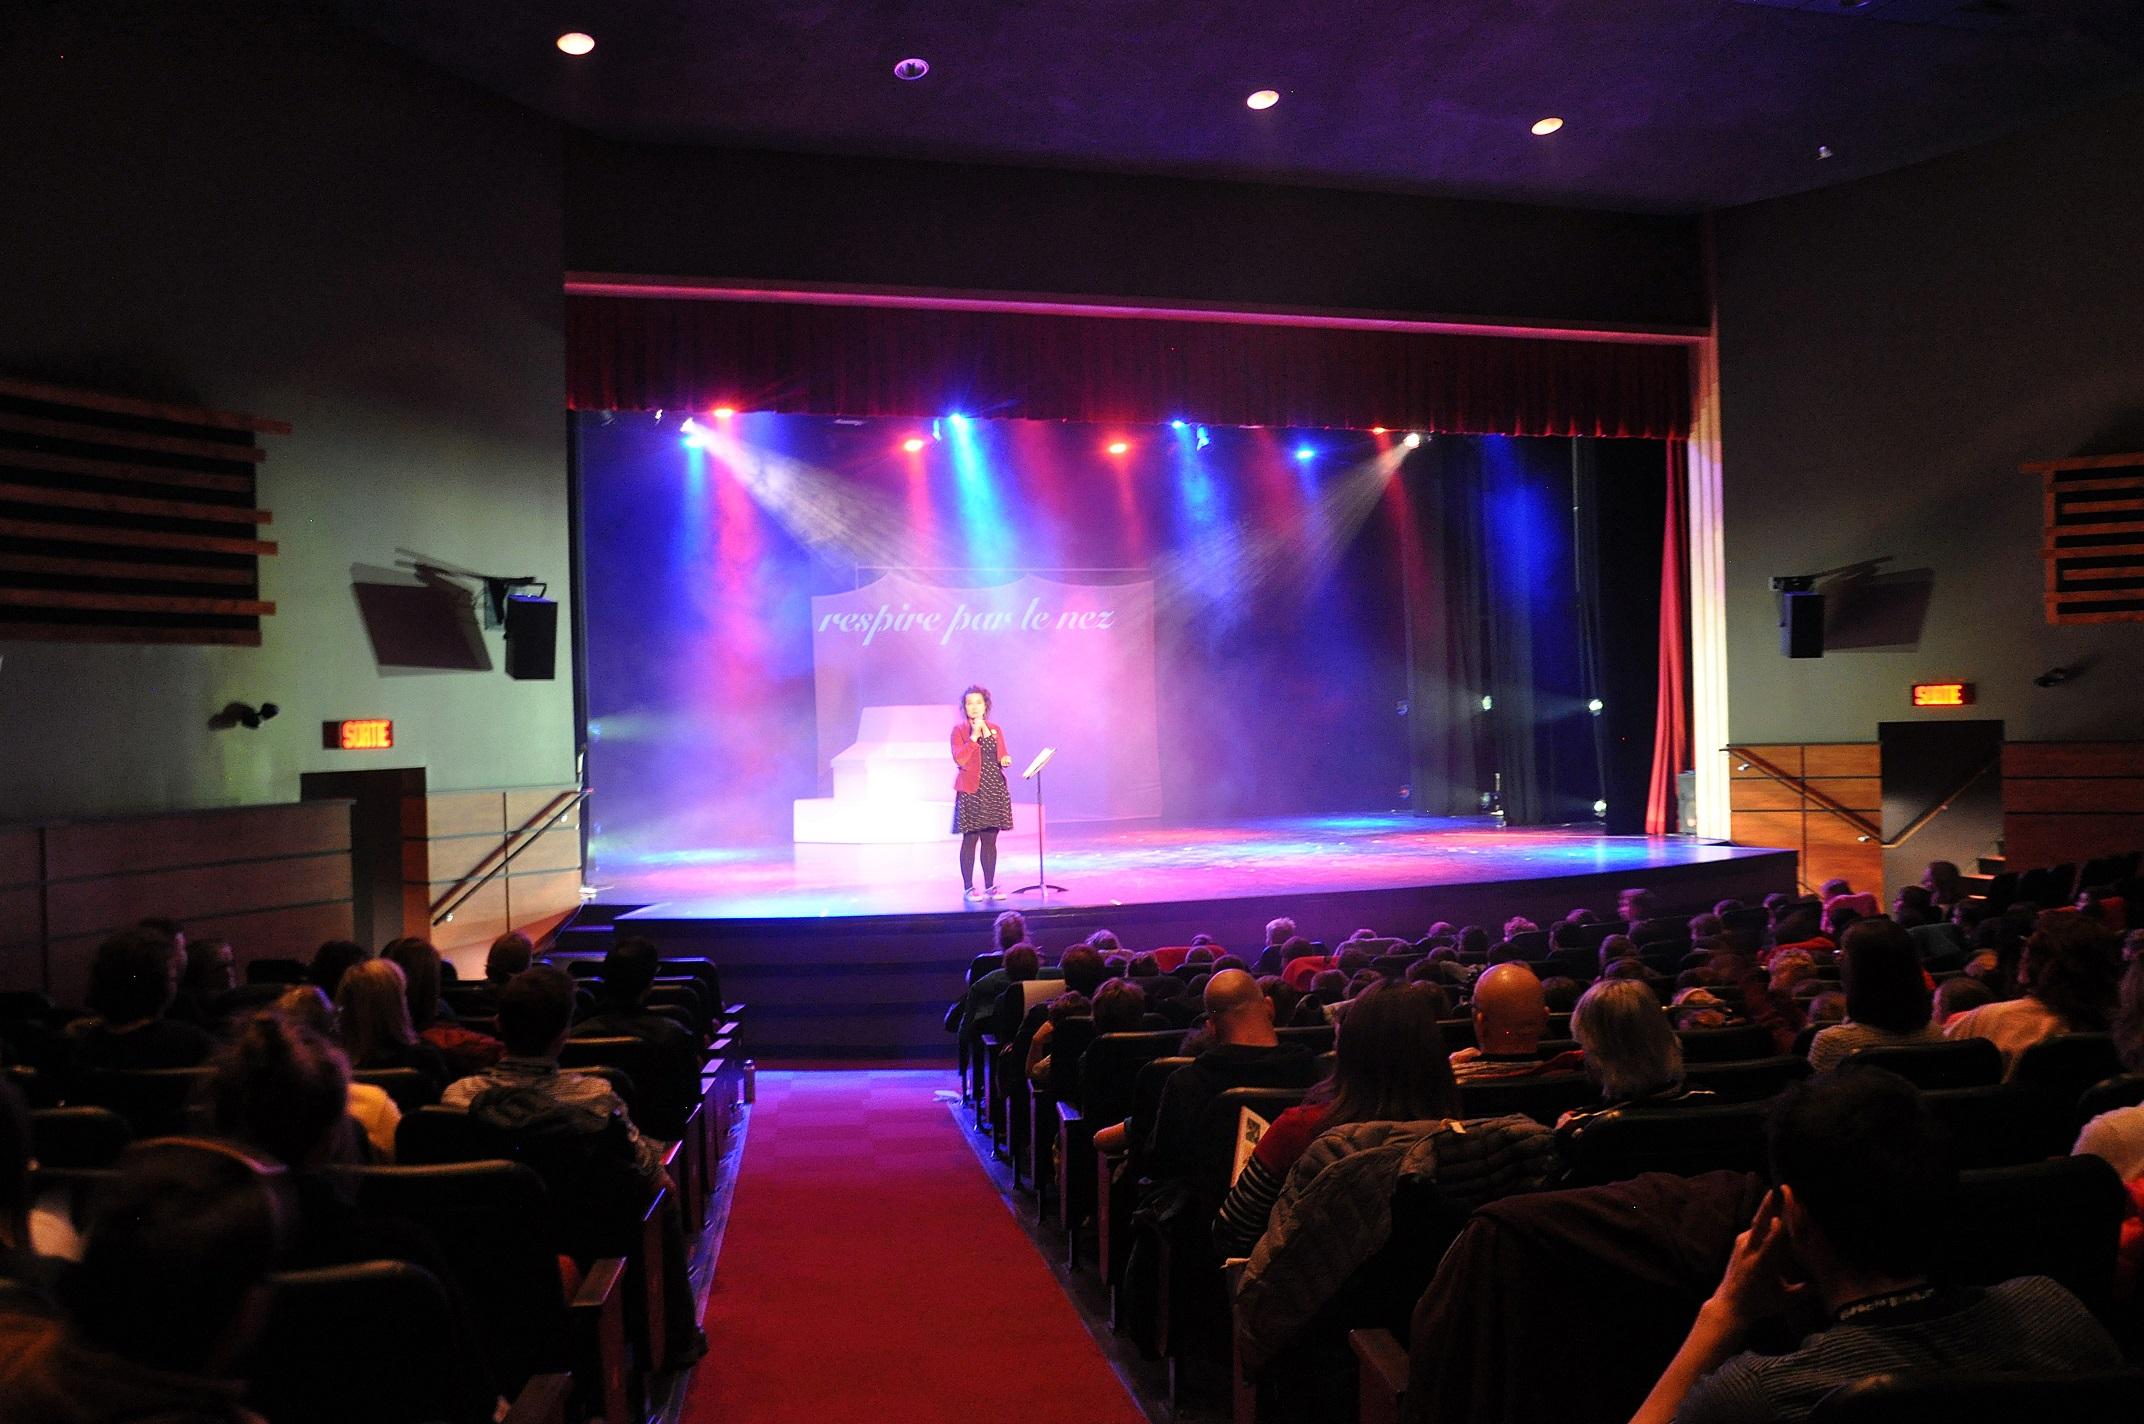 Les vitrines jeunes public ont mis en scène, entre autres, un extrait du spectacle Respire par le nez